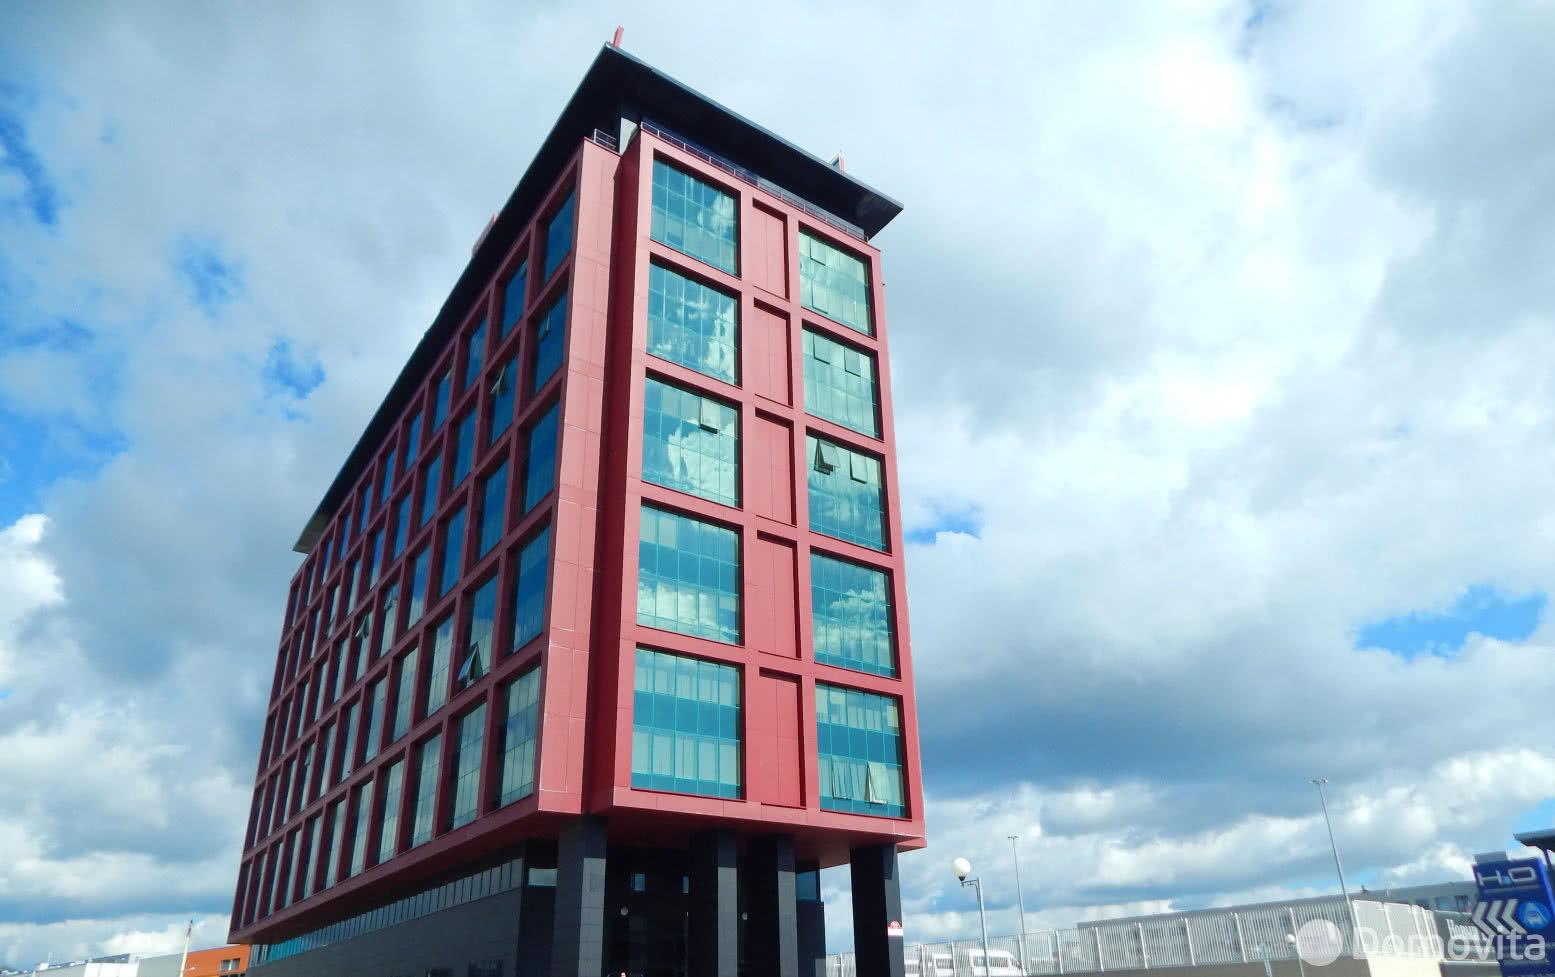 Бизнес-центр БЦ на Тимирязева 72 - фото 1